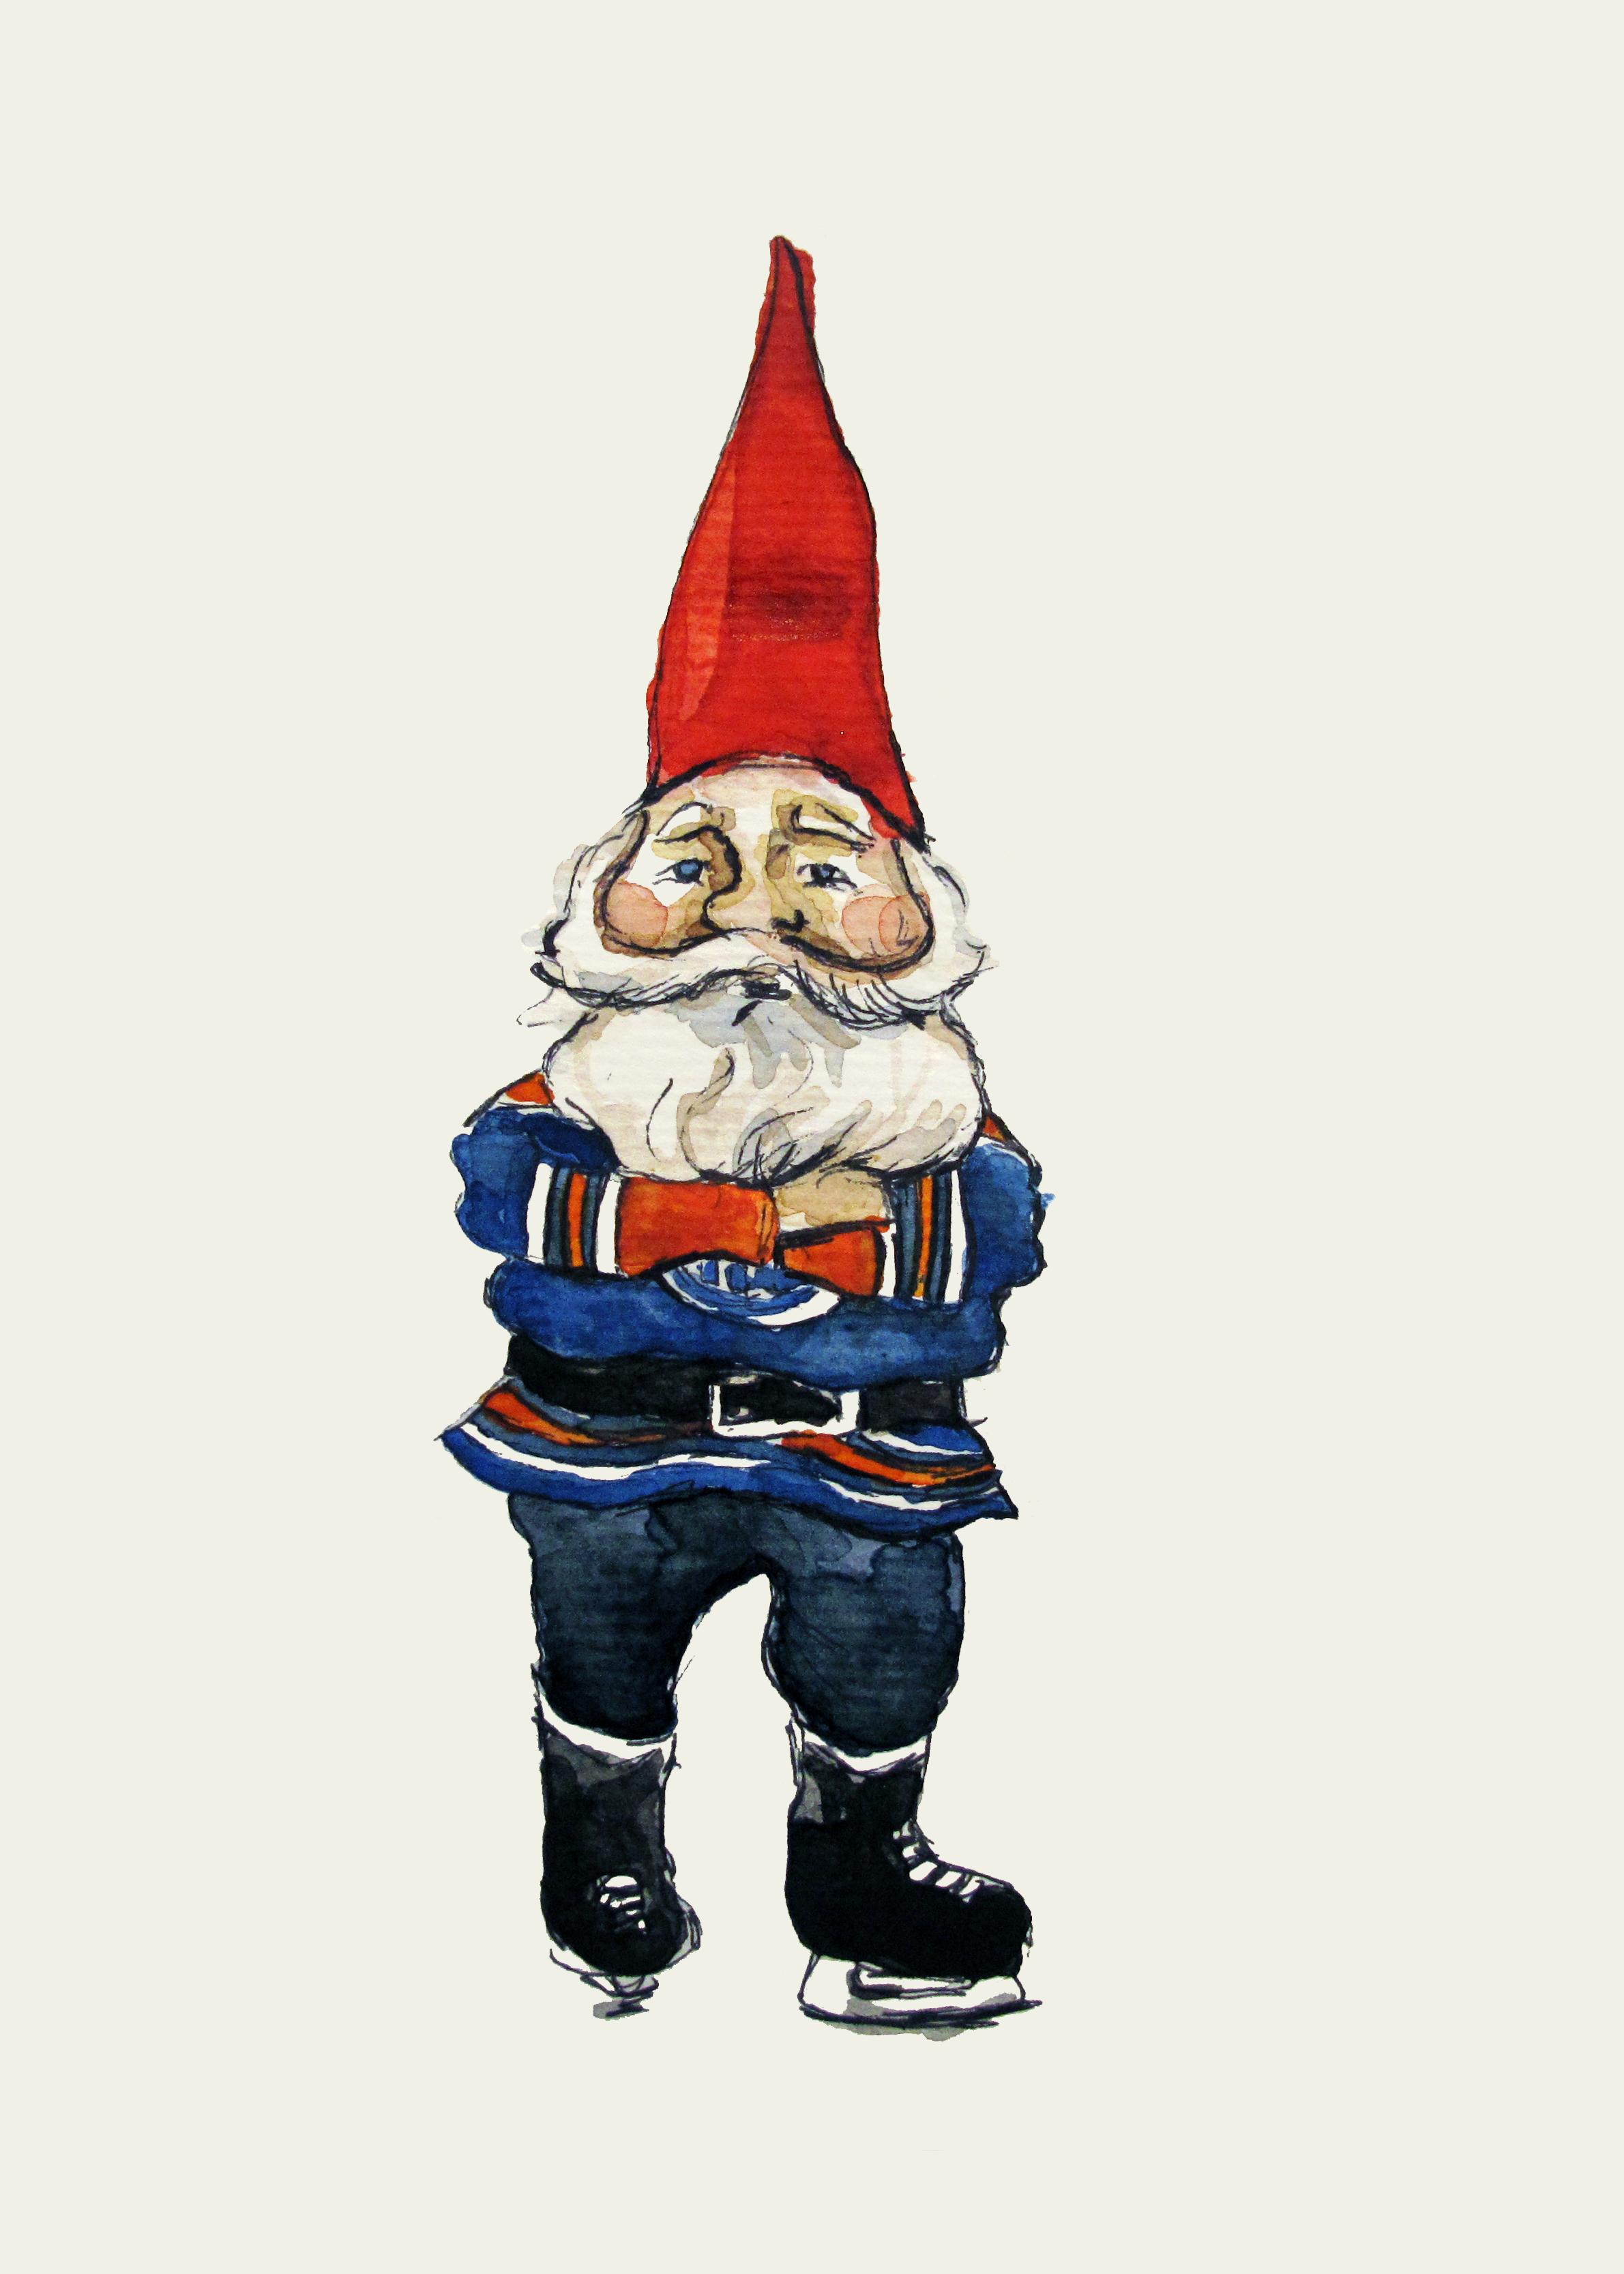 Oilers gnome